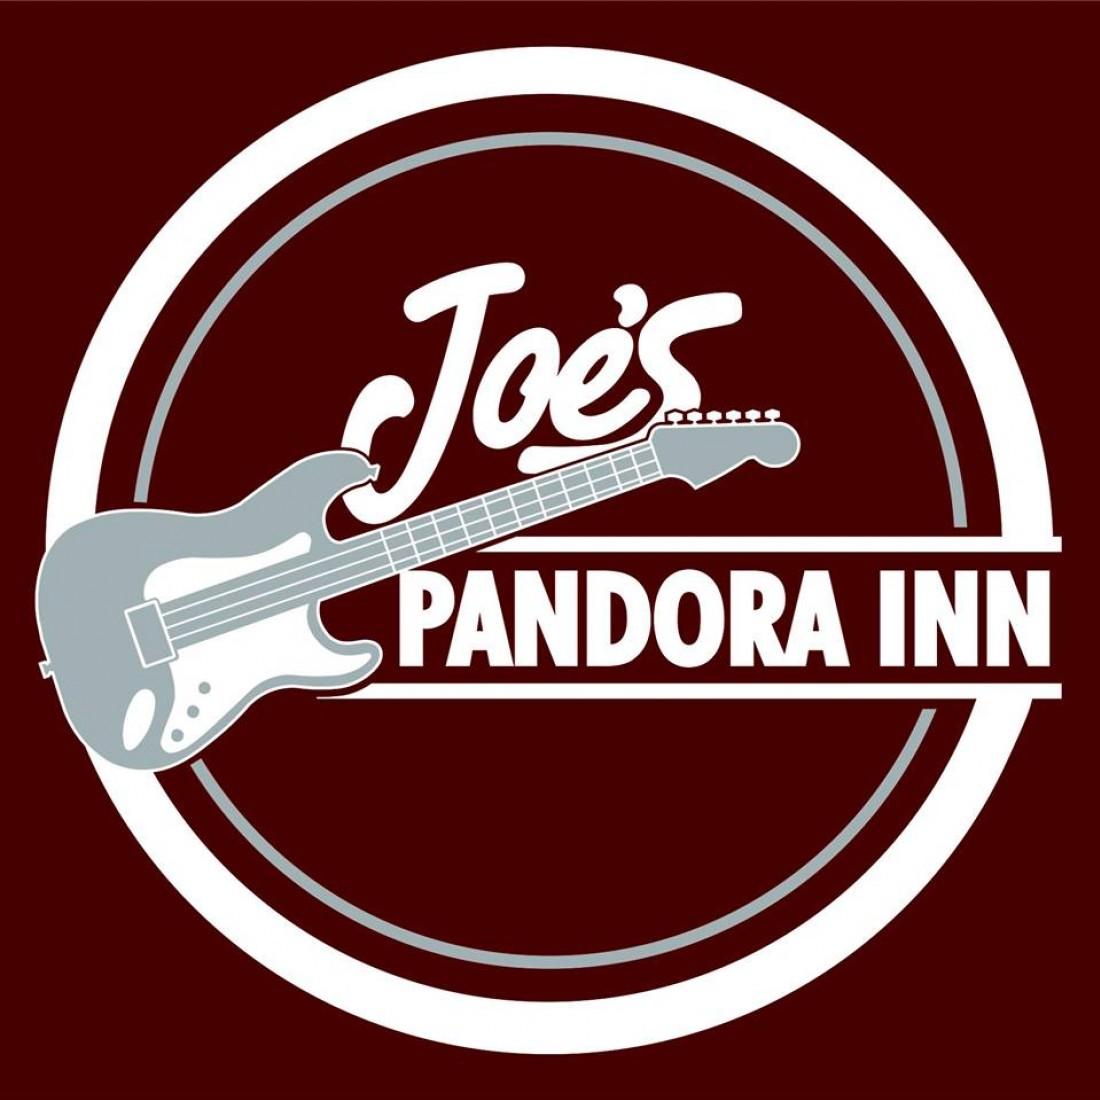 Joe's Pandora Inn